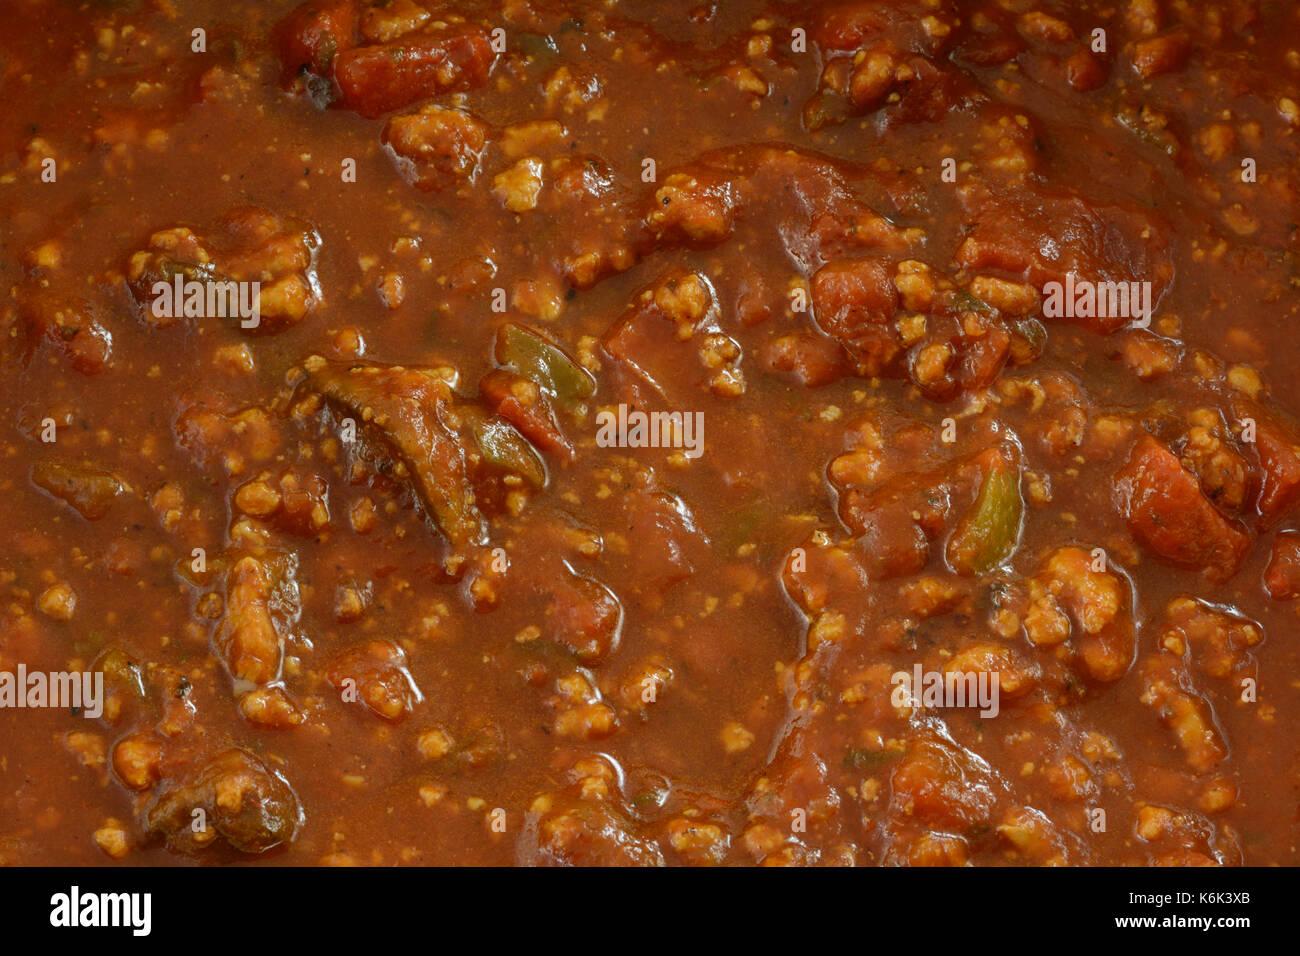 Close up of spaghetti sauce faite avec de la viande de dinde au sol pour abaisser le cholestérol Photo Stock